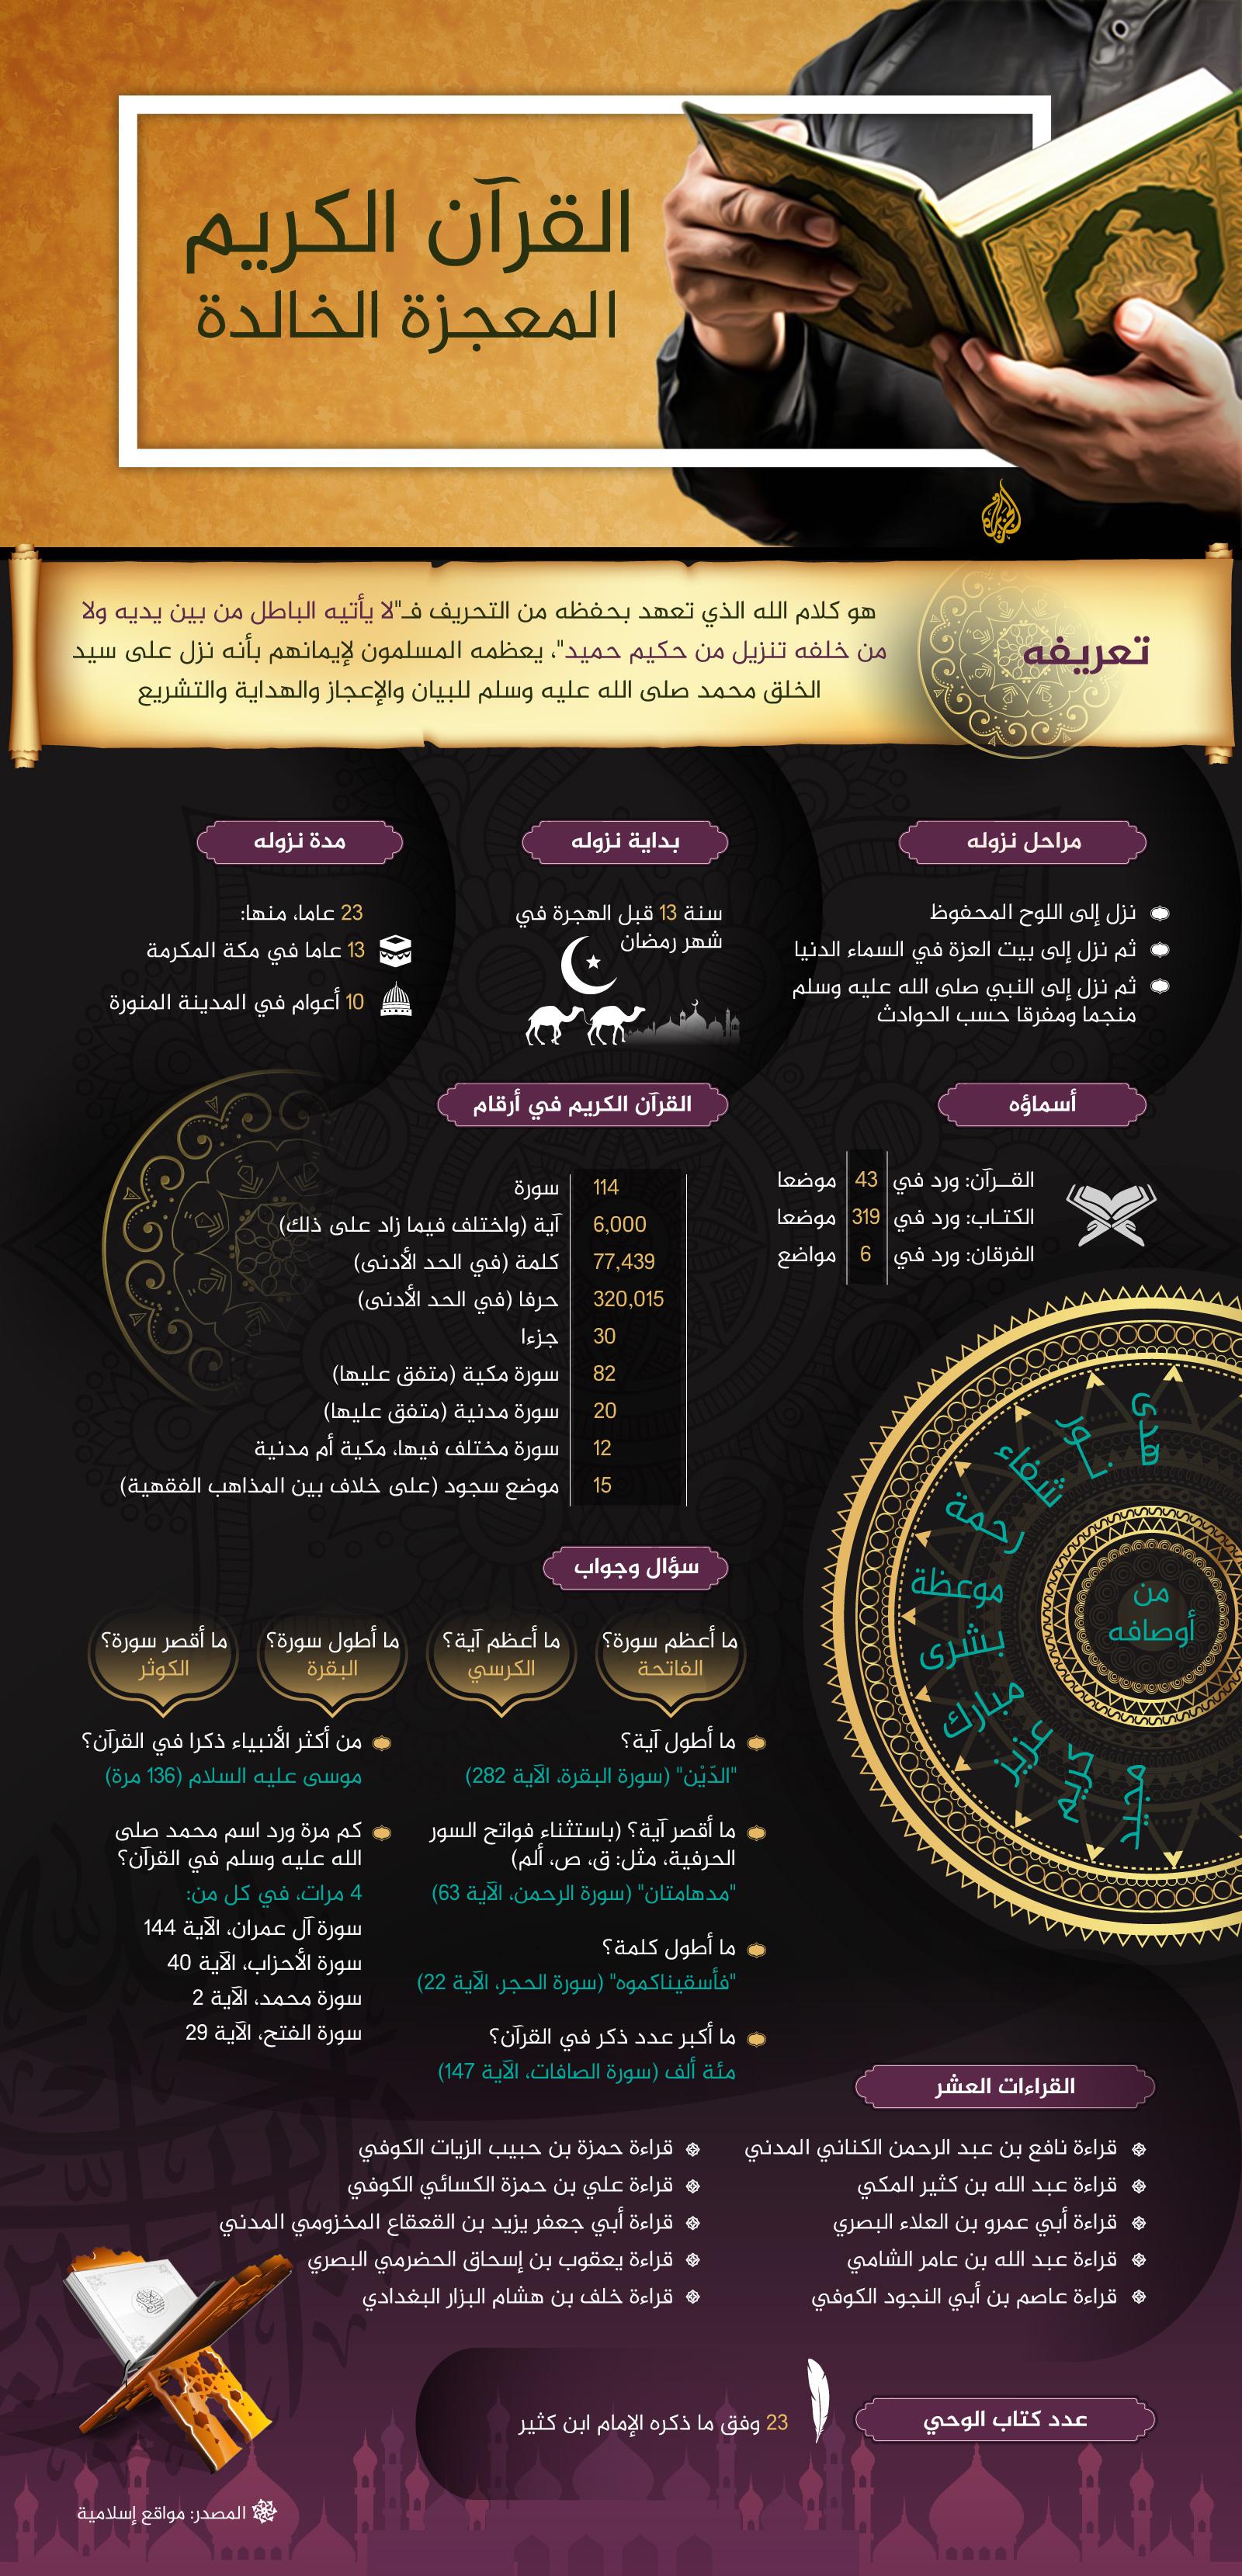 القرآن الكريم.. المعجزة الخالدة